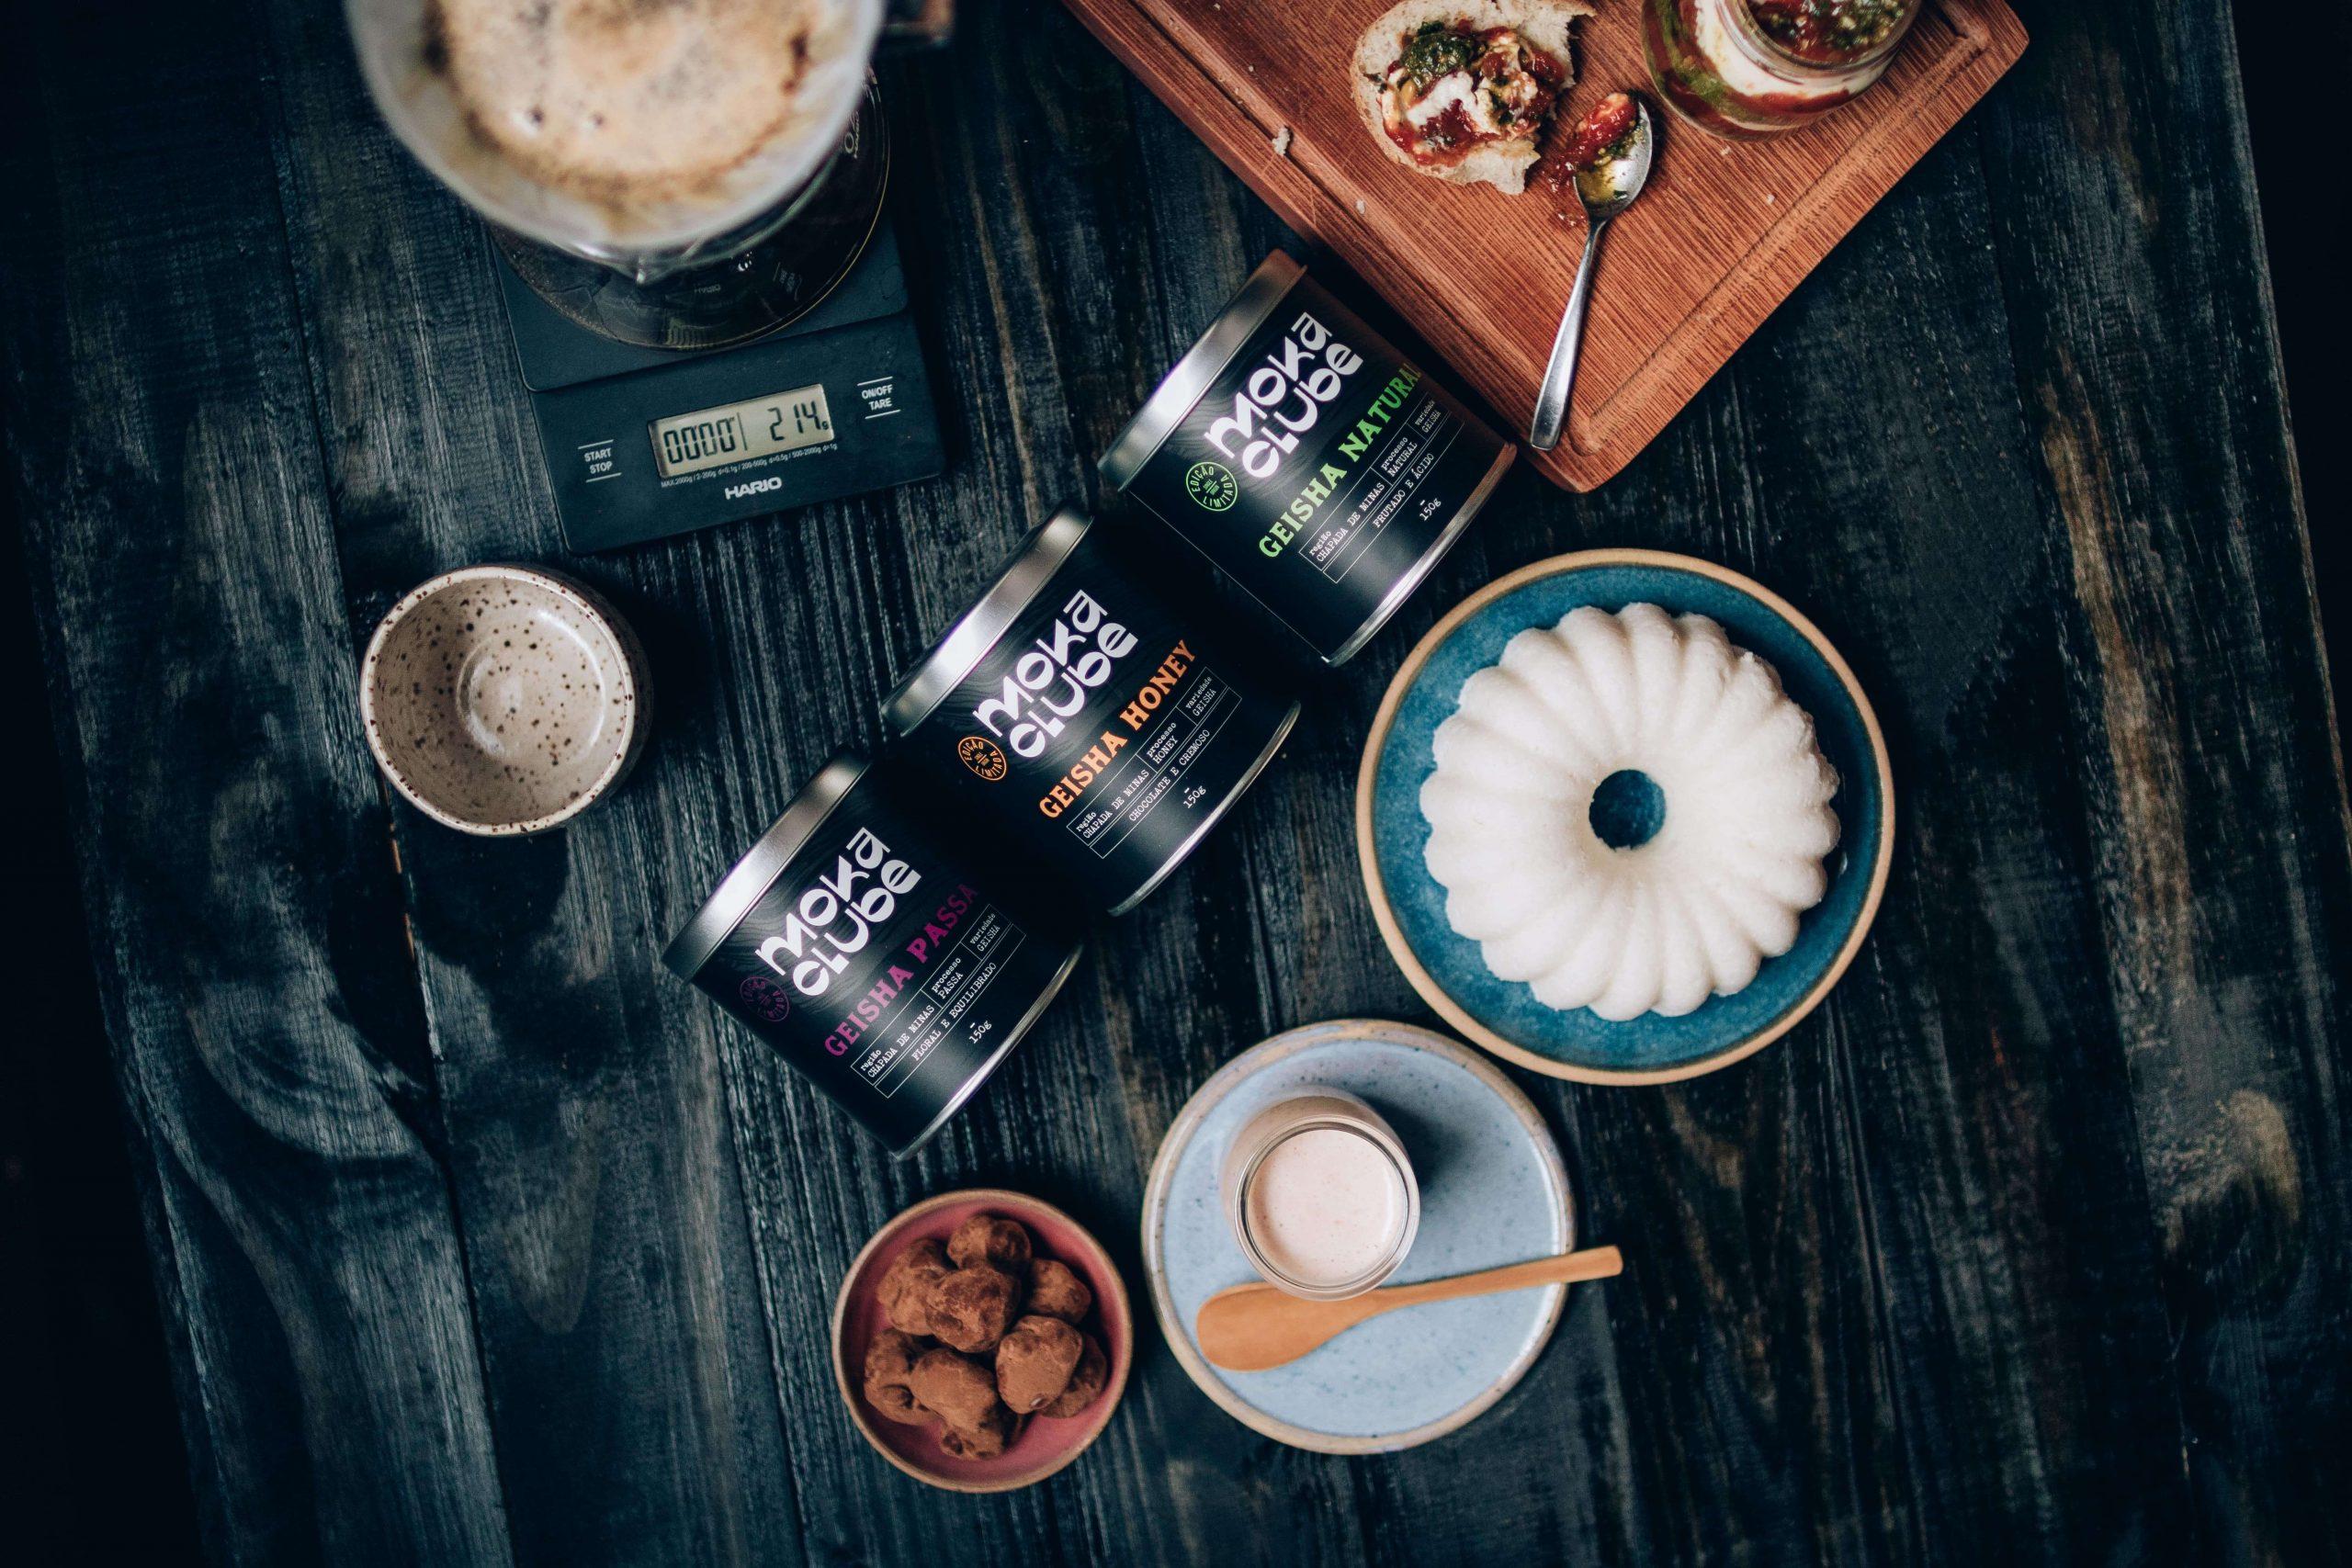 Diferentes cafés para prensa francesa expostos com pudim, bolachas e outros alimentos.